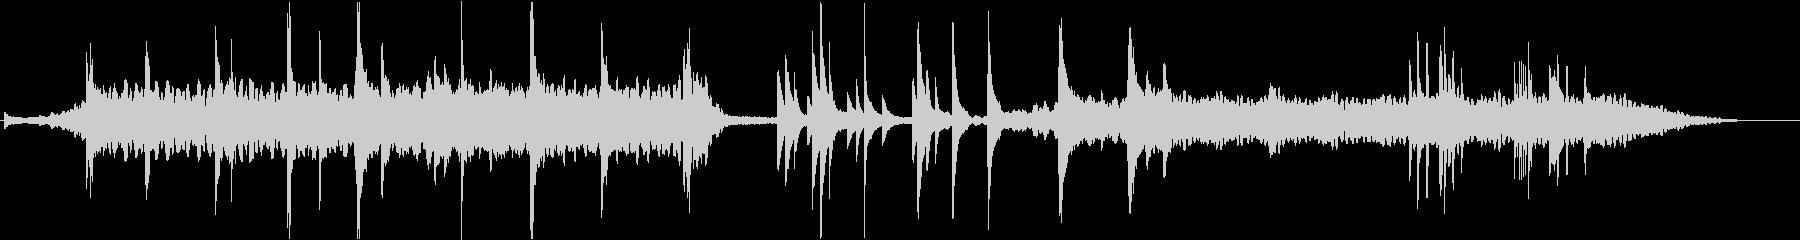 抽象的でダークなピアノの即興の未再生の波形